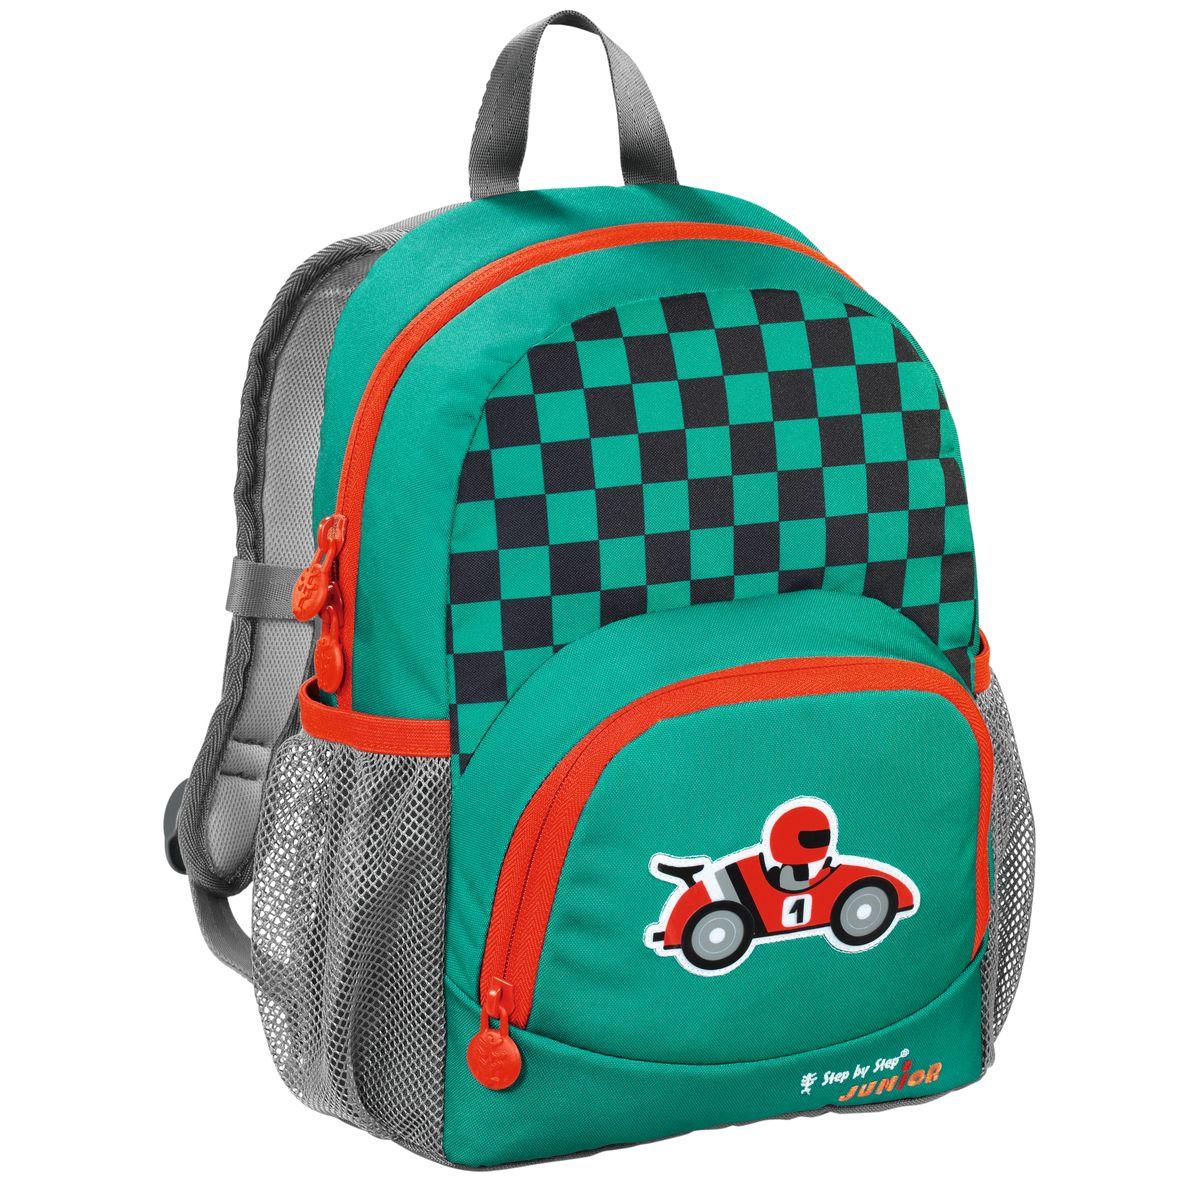 Hama Рюкзак детский Step By Step Junior Dressy Little Racer11438363Рюкзак детский Step By Step Junior Dressy little racer зеленый/серый